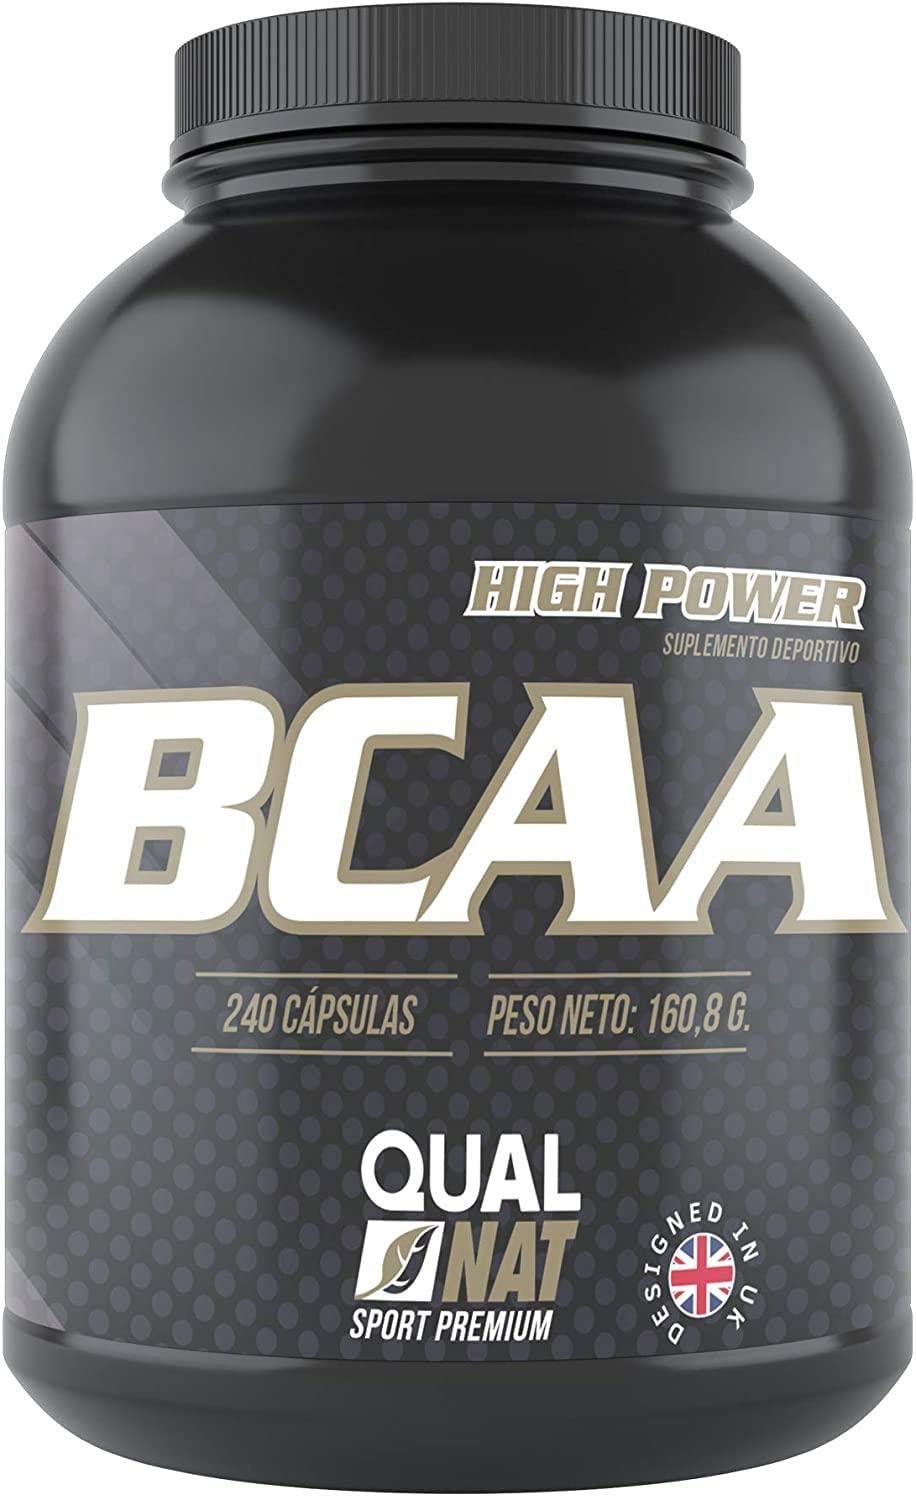 Suplemento de BCAA